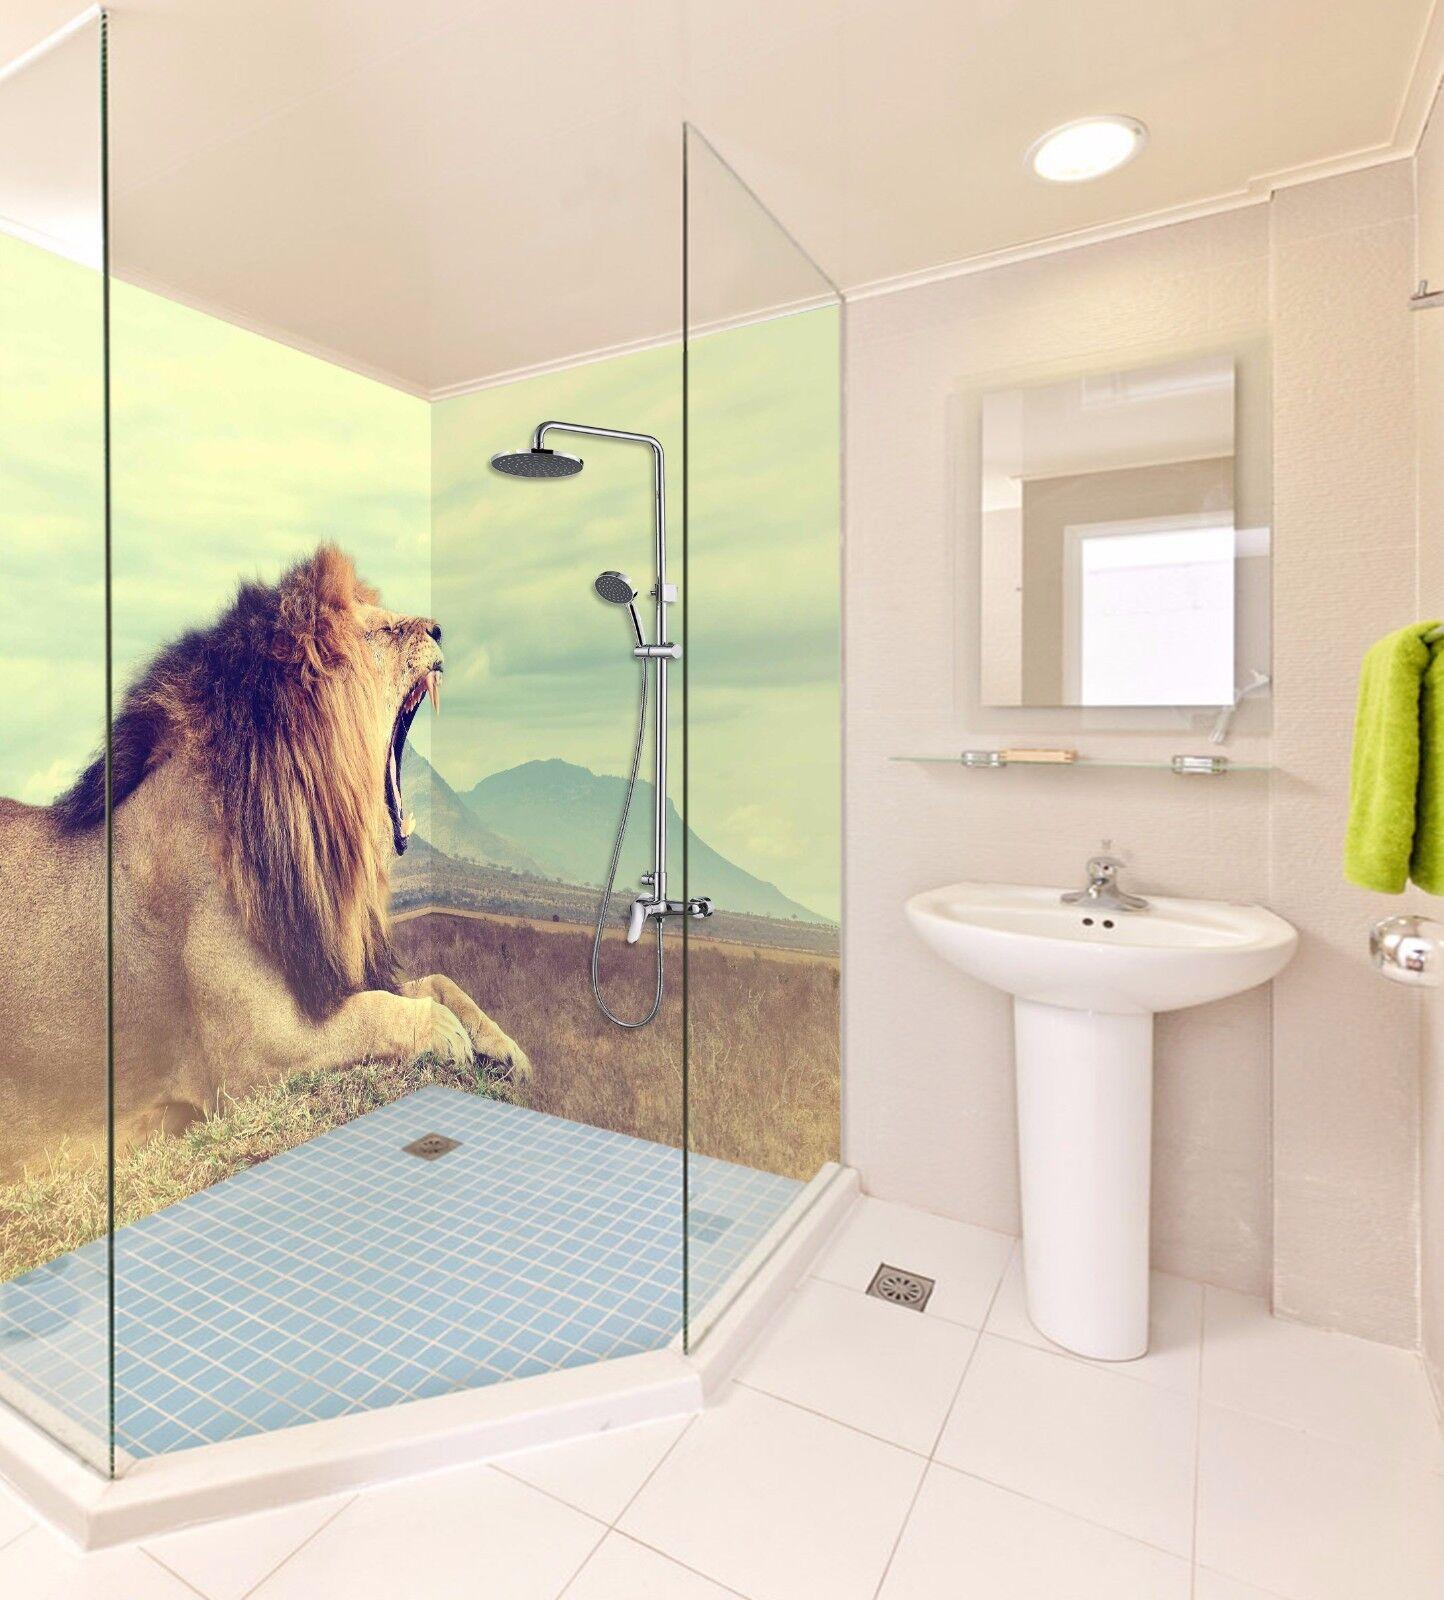 3D Lion roar sky 534 WallPaper Bathroom Print Decal Wall Deco AJ WALLPAPER UK